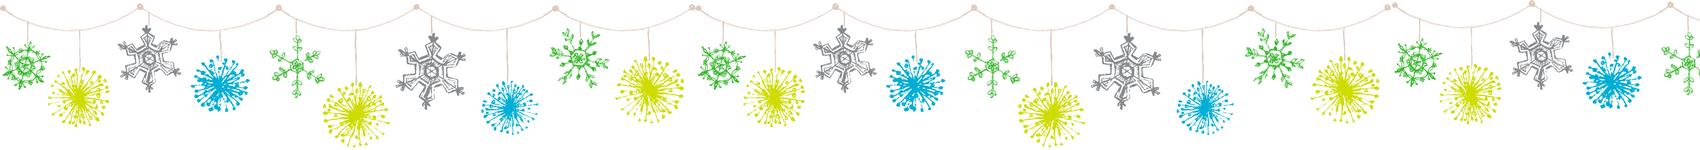 holiday snowflake string.png